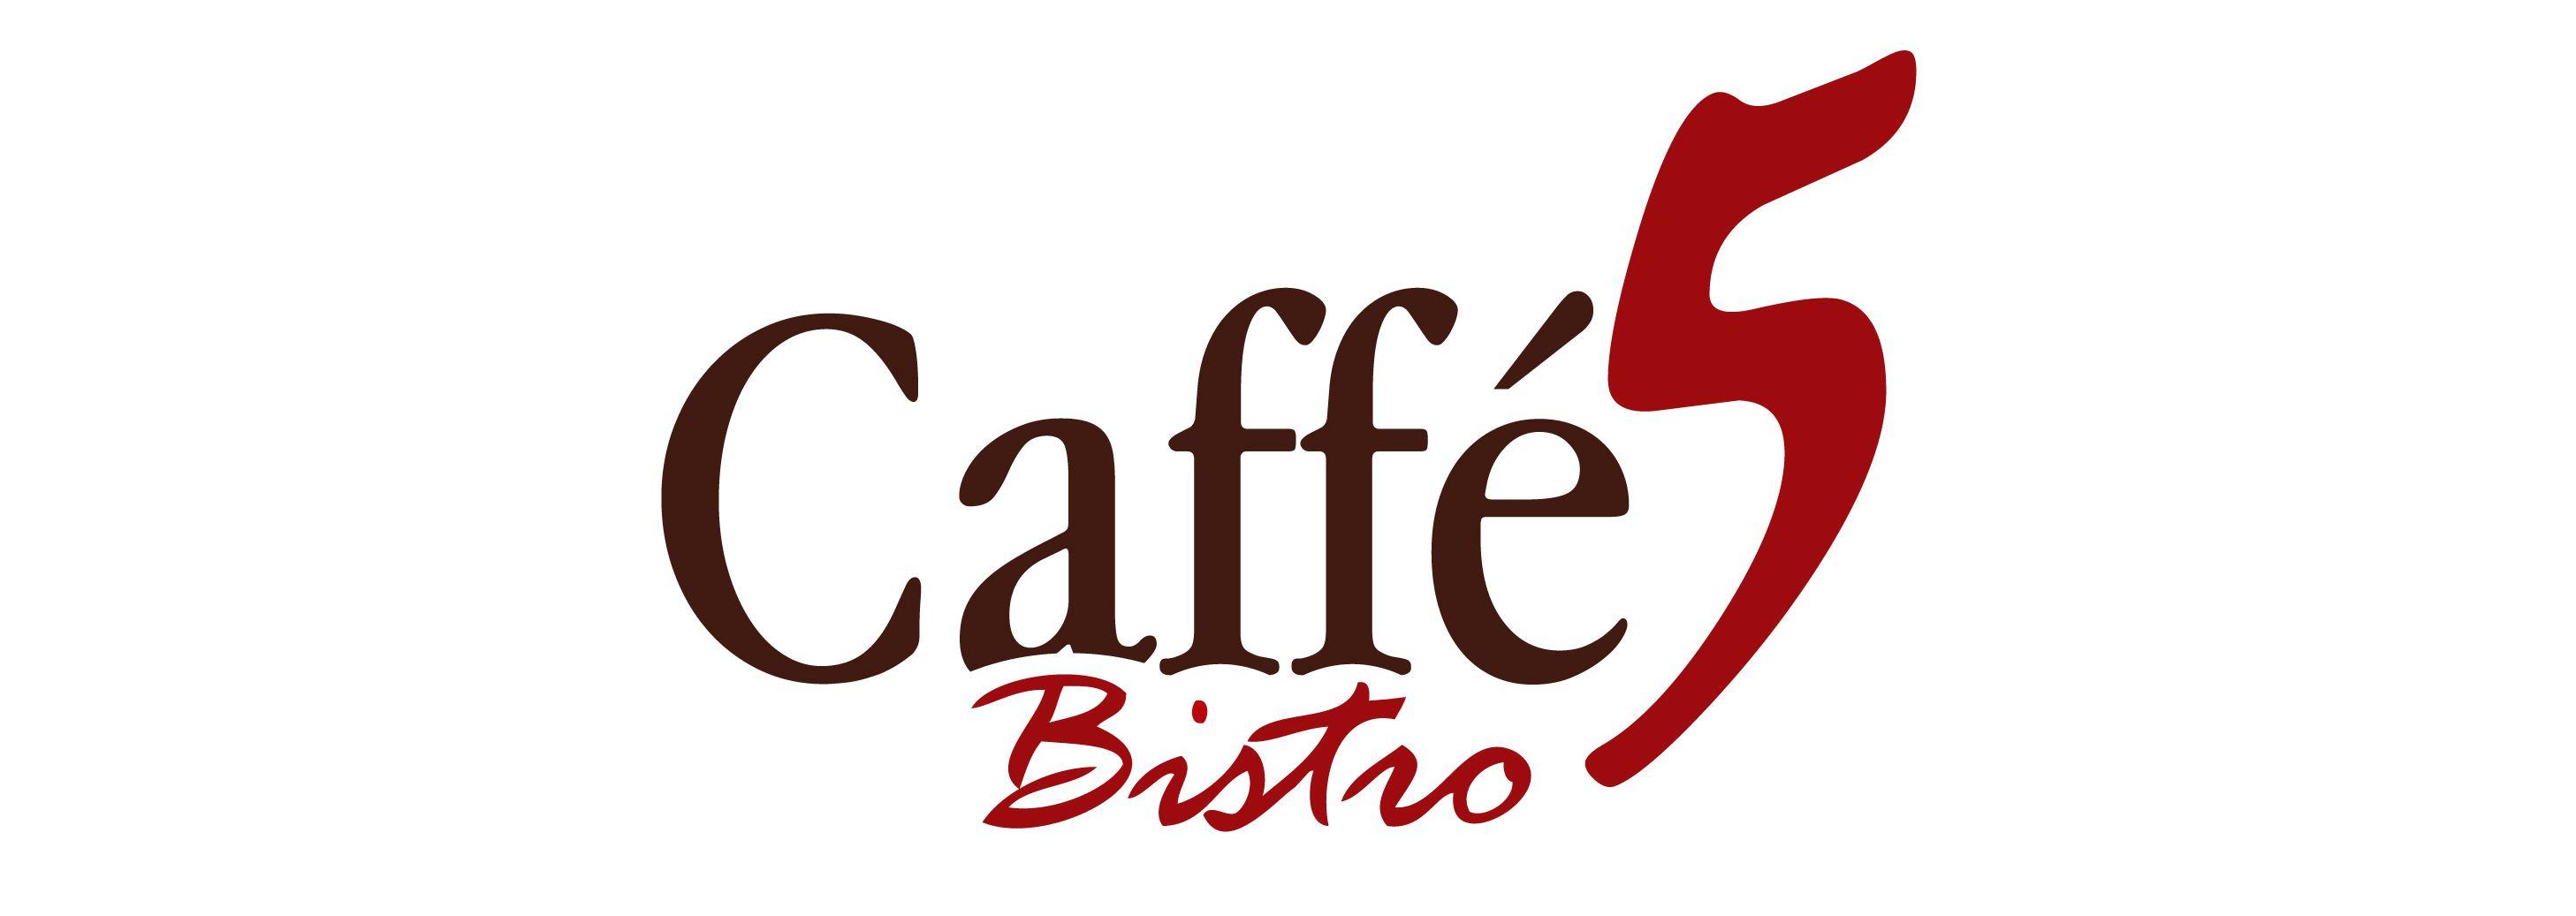 Bistro Caffé 5